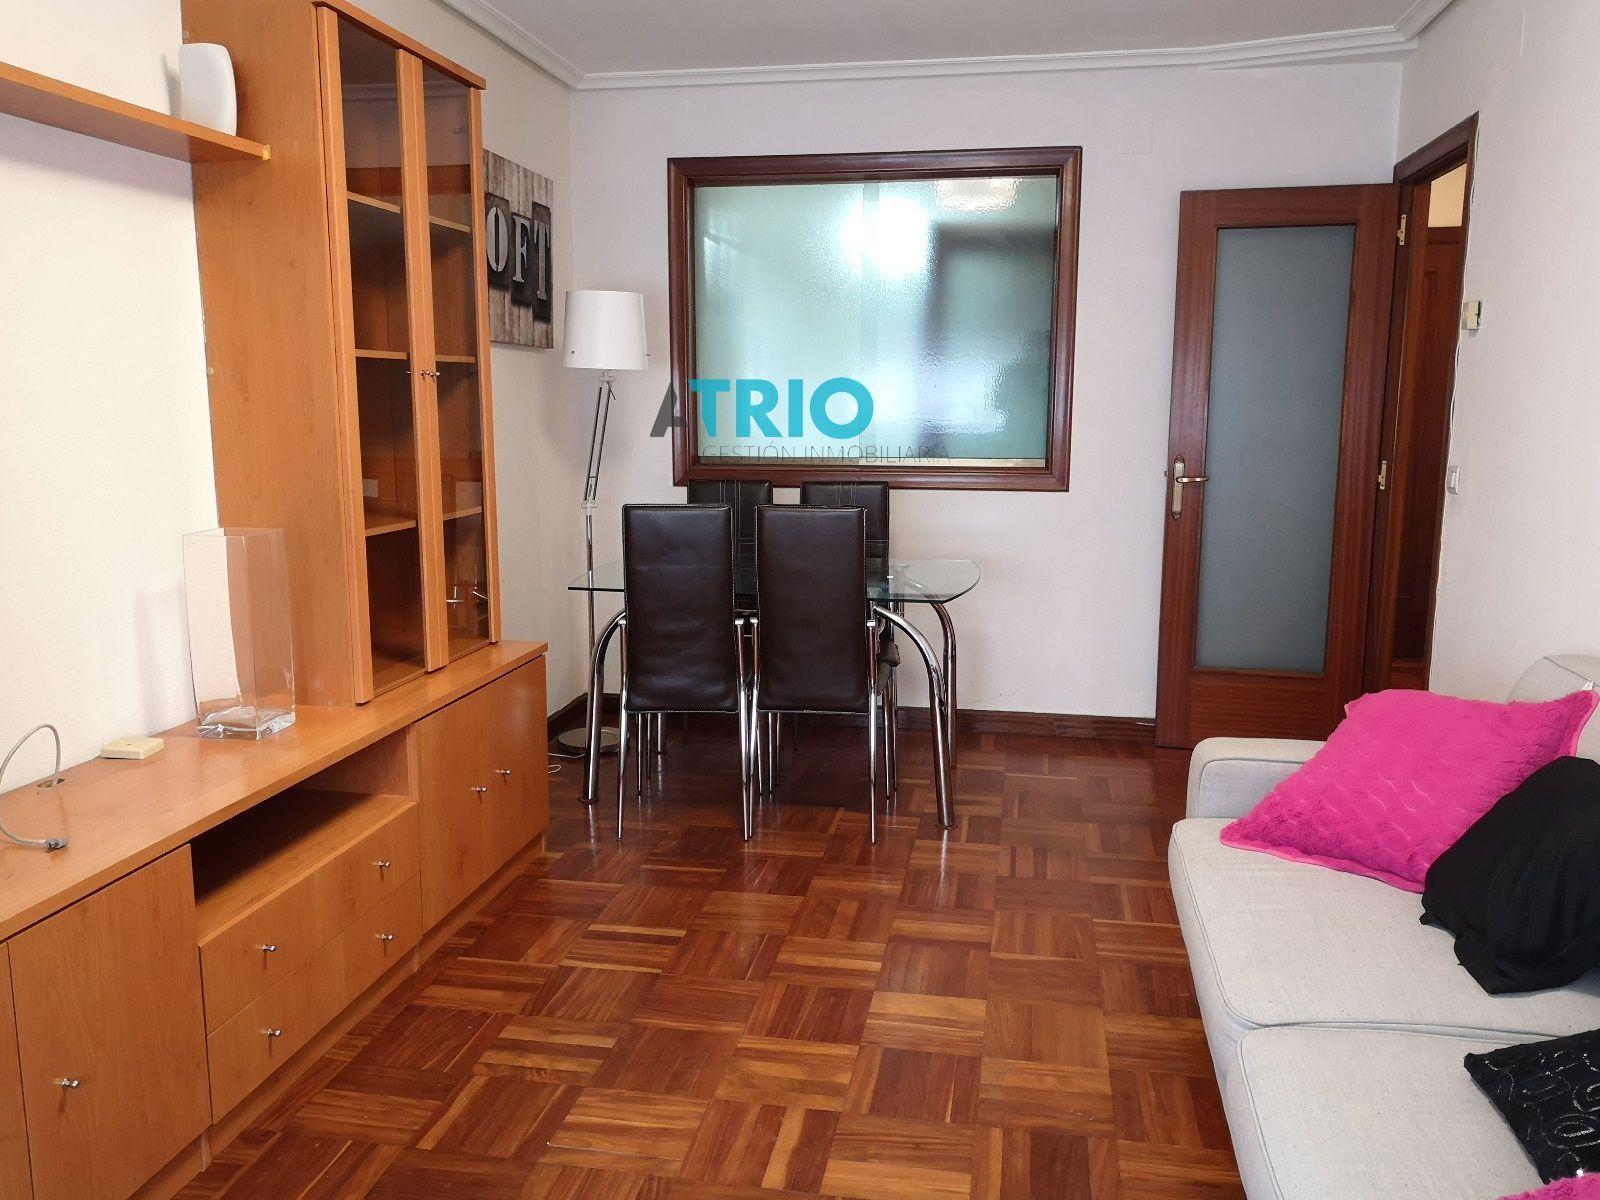 dia.mobiliagestion.es/Portals/inmoatrio/Images/7112/5564180